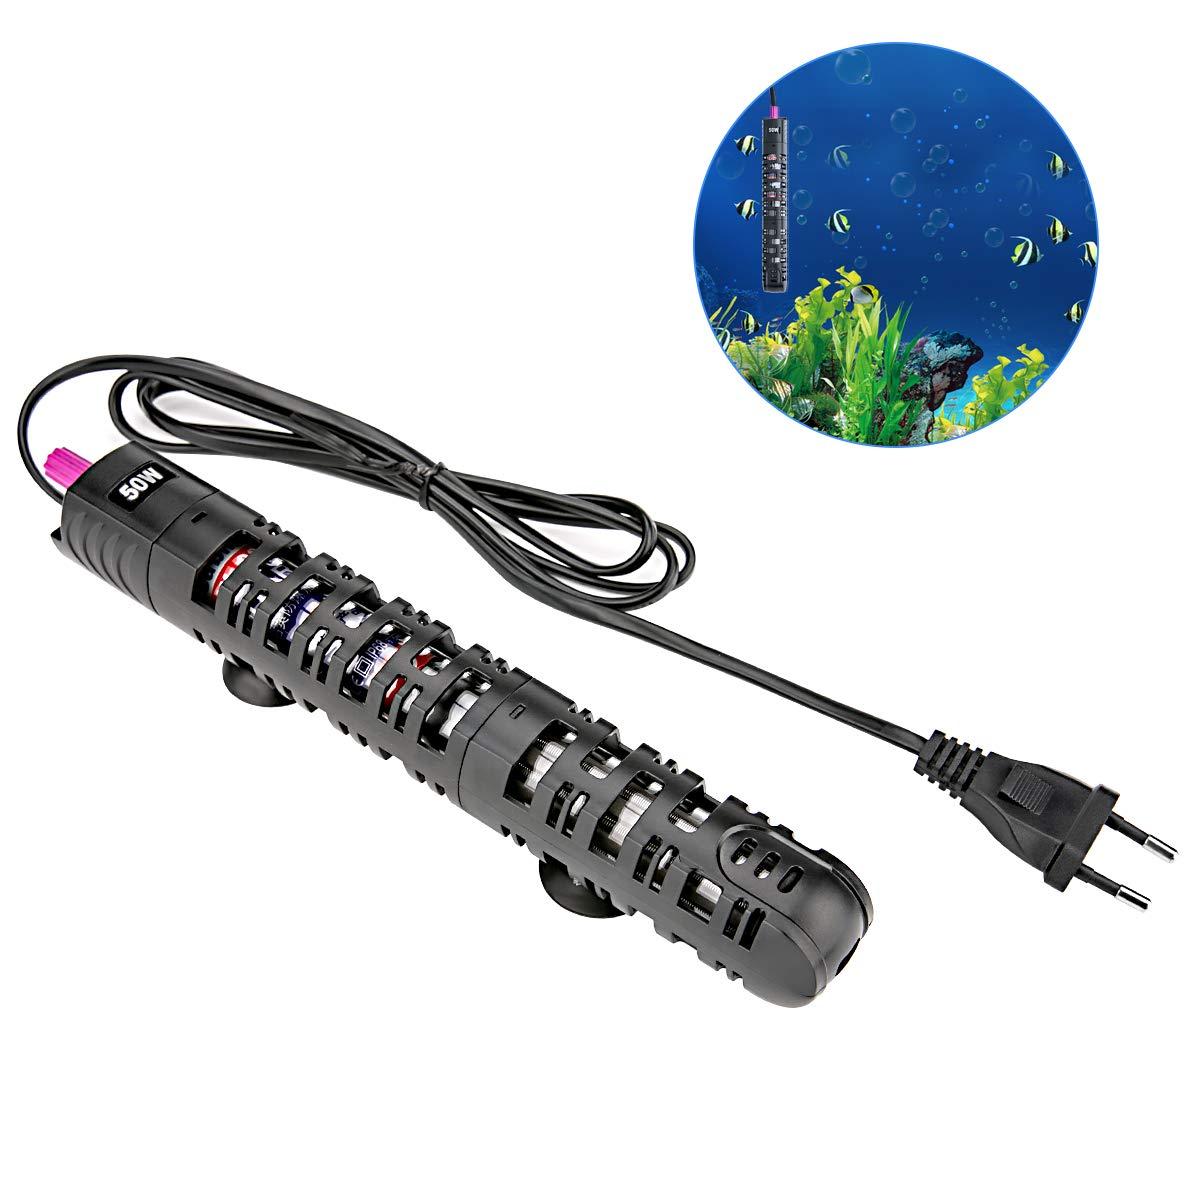 HOHOTO Chauffe-Eau d'aquarium DE 50 Watt pour l'eau Douce et l'eau salée, appareils de Chauffage avec Verre de Quartz antidéflagrant (220V, EU Plug)